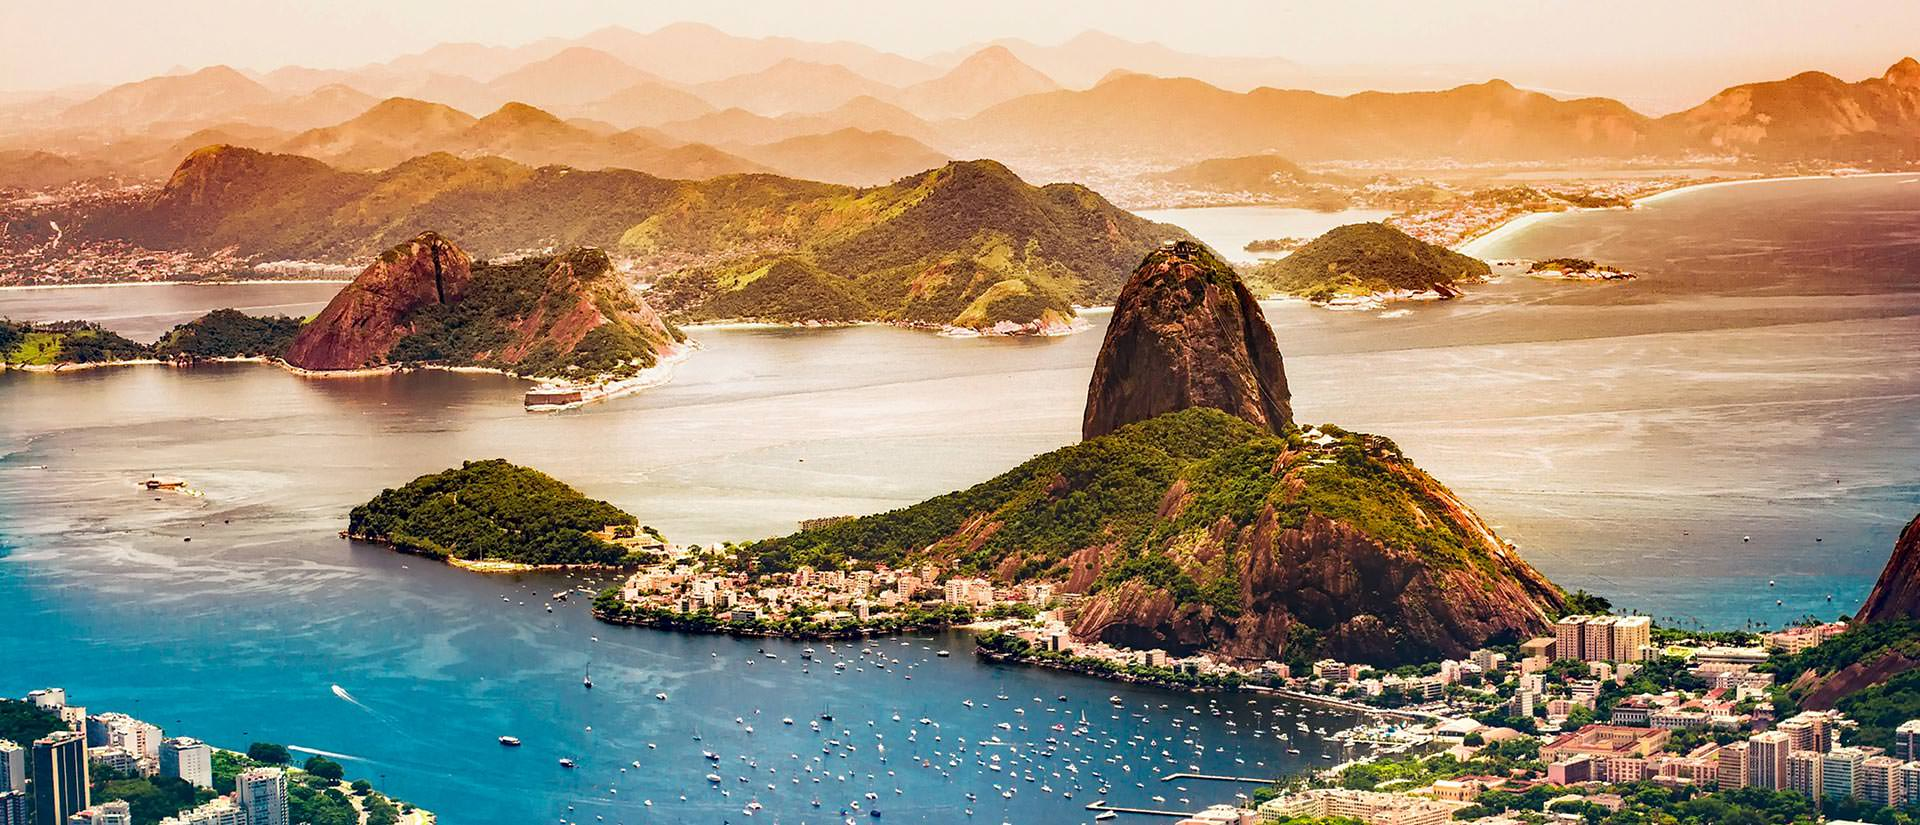 טיול לברזיל, ארגנטינה וצ'ילה - 19 יום - הנופים הפראיים של פטגוניה